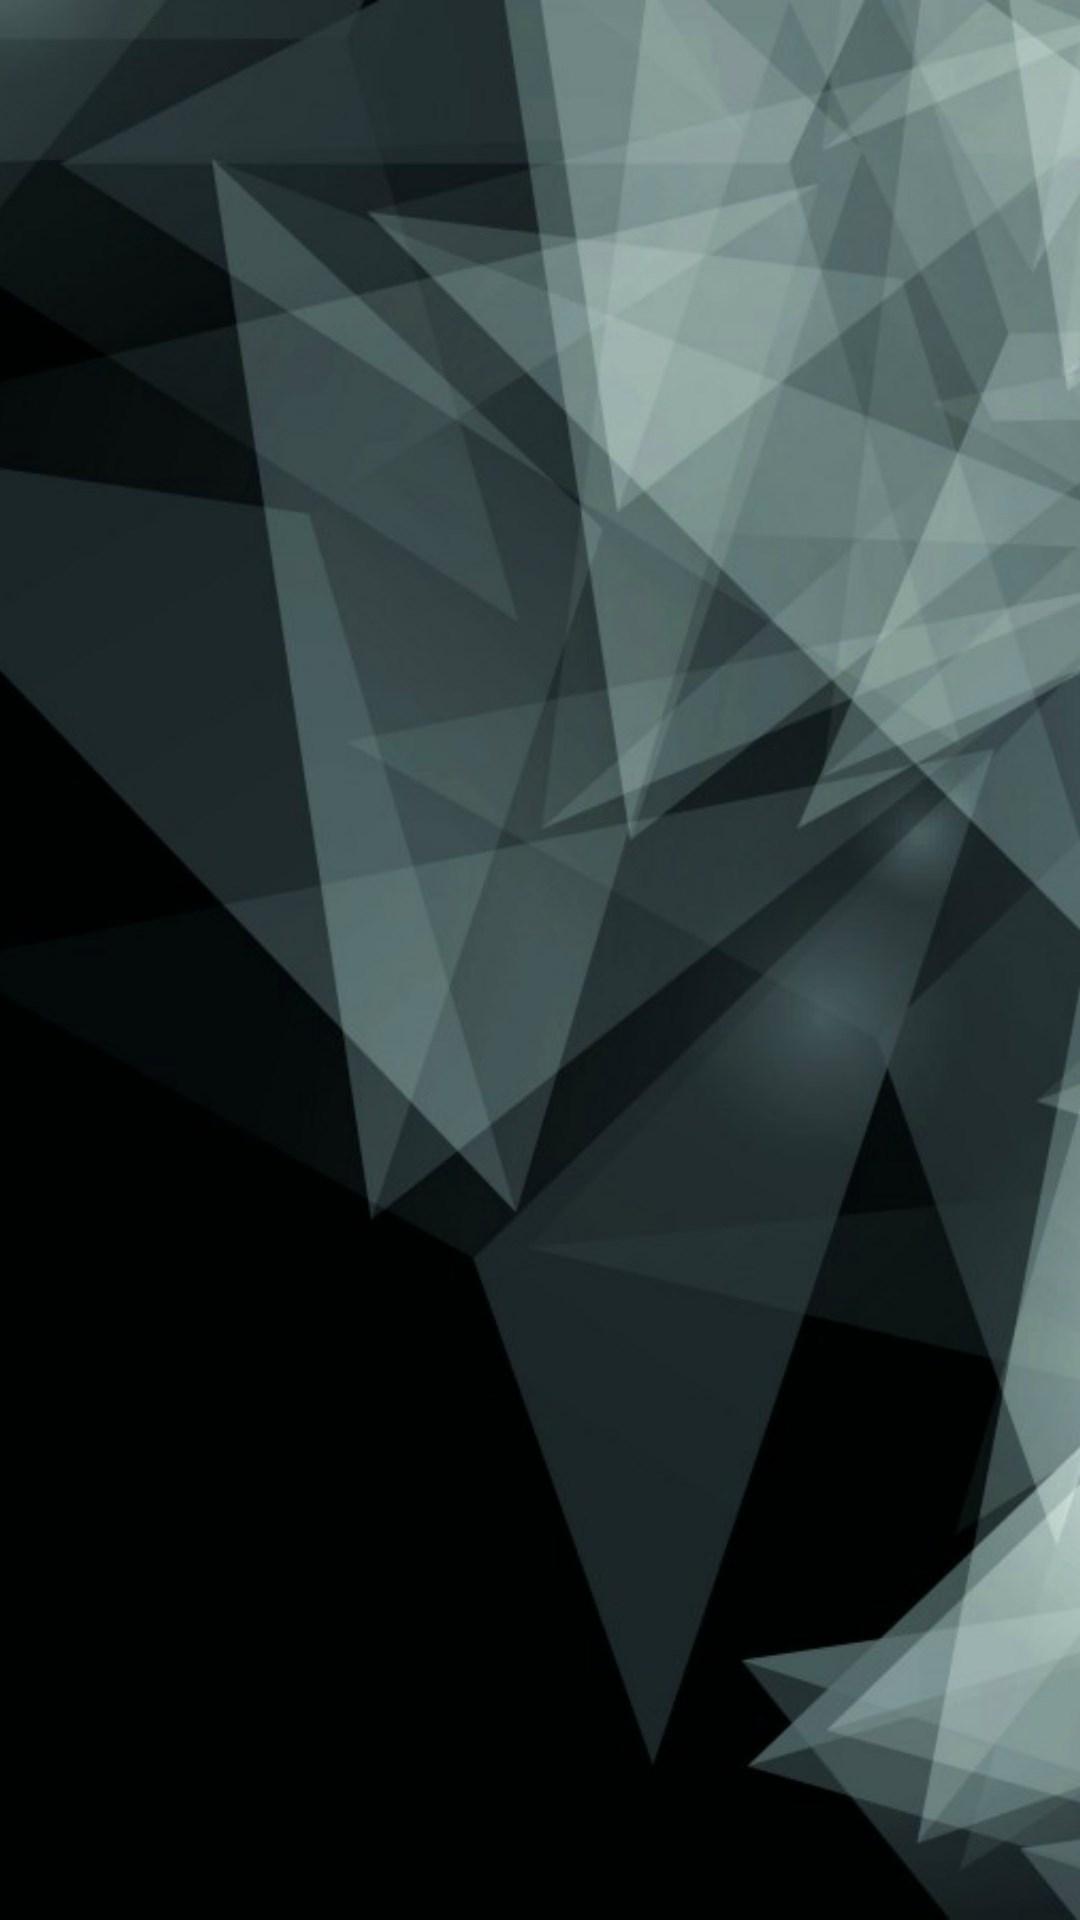 1080x1920 wallpaper appsapk 289